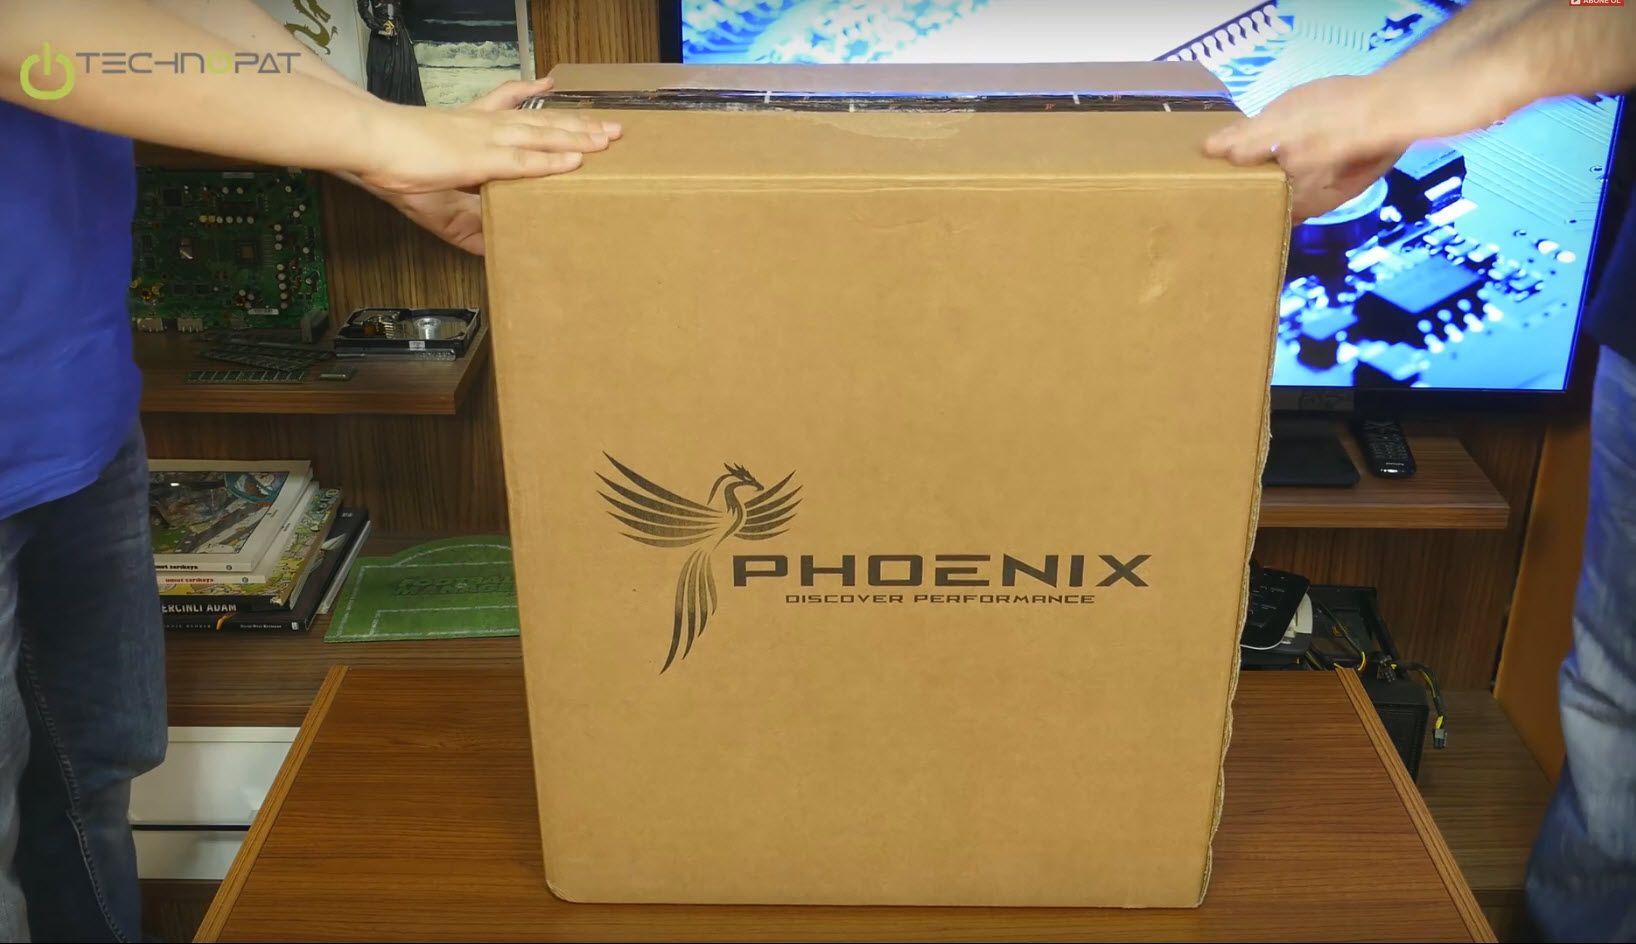 Phoenix Rebirth X Masaüstü Bilgisayar Kutusundan Çıkıyor